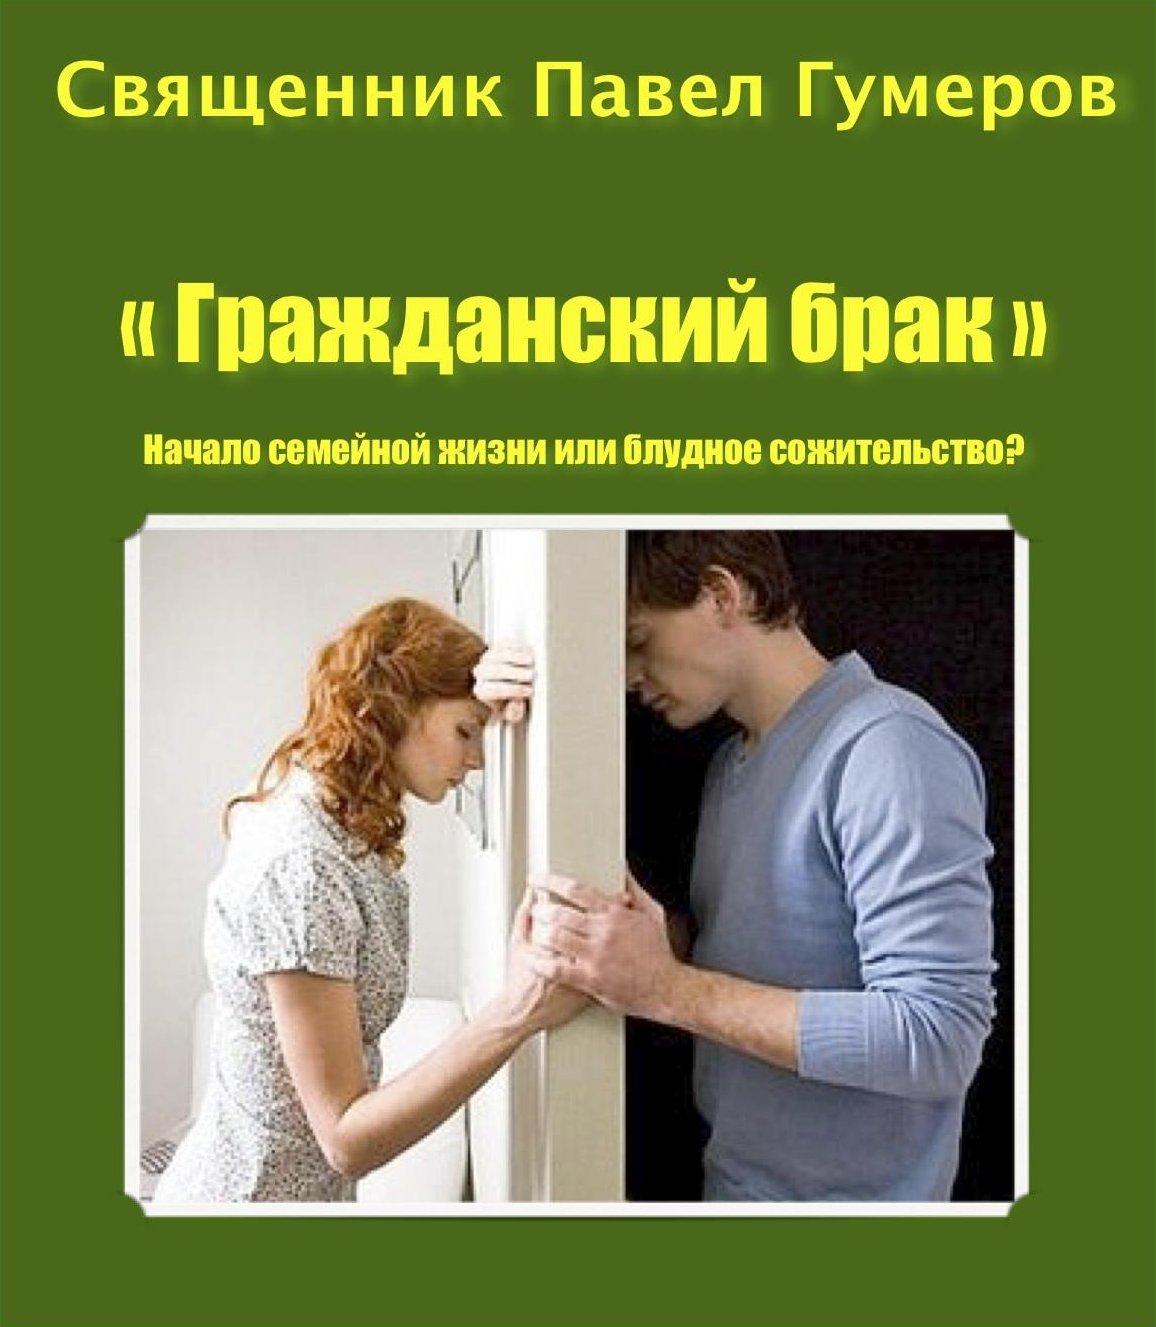 Сожительница Привыкла Показывать Послушание И Желание